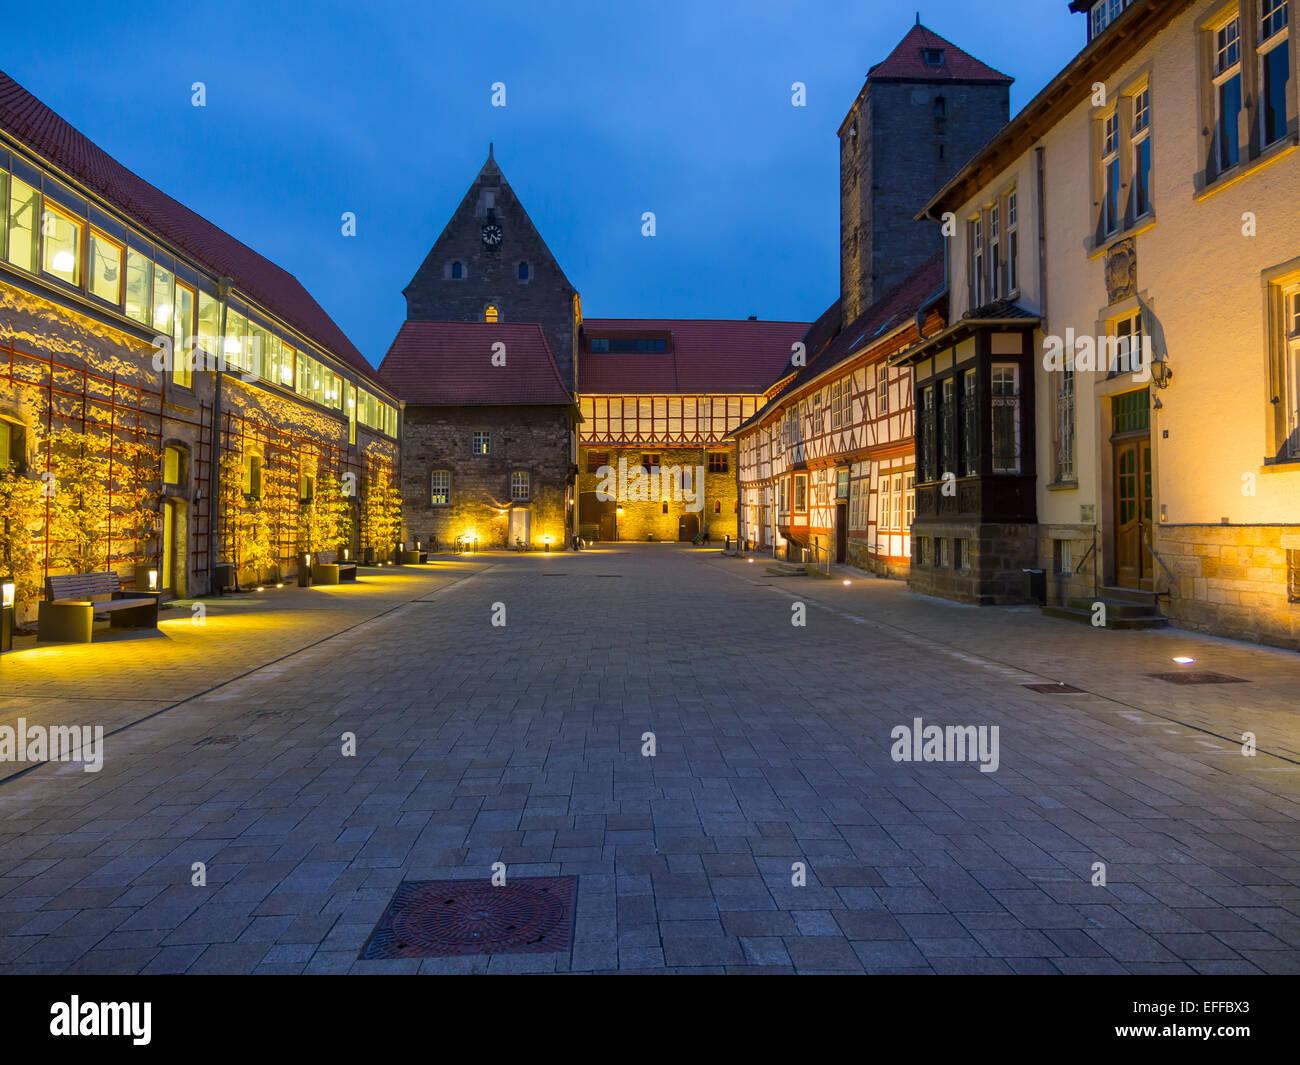 Germany, Hildesheim, Domain Marienburg, Foundation Hildesheim University - Stock Image